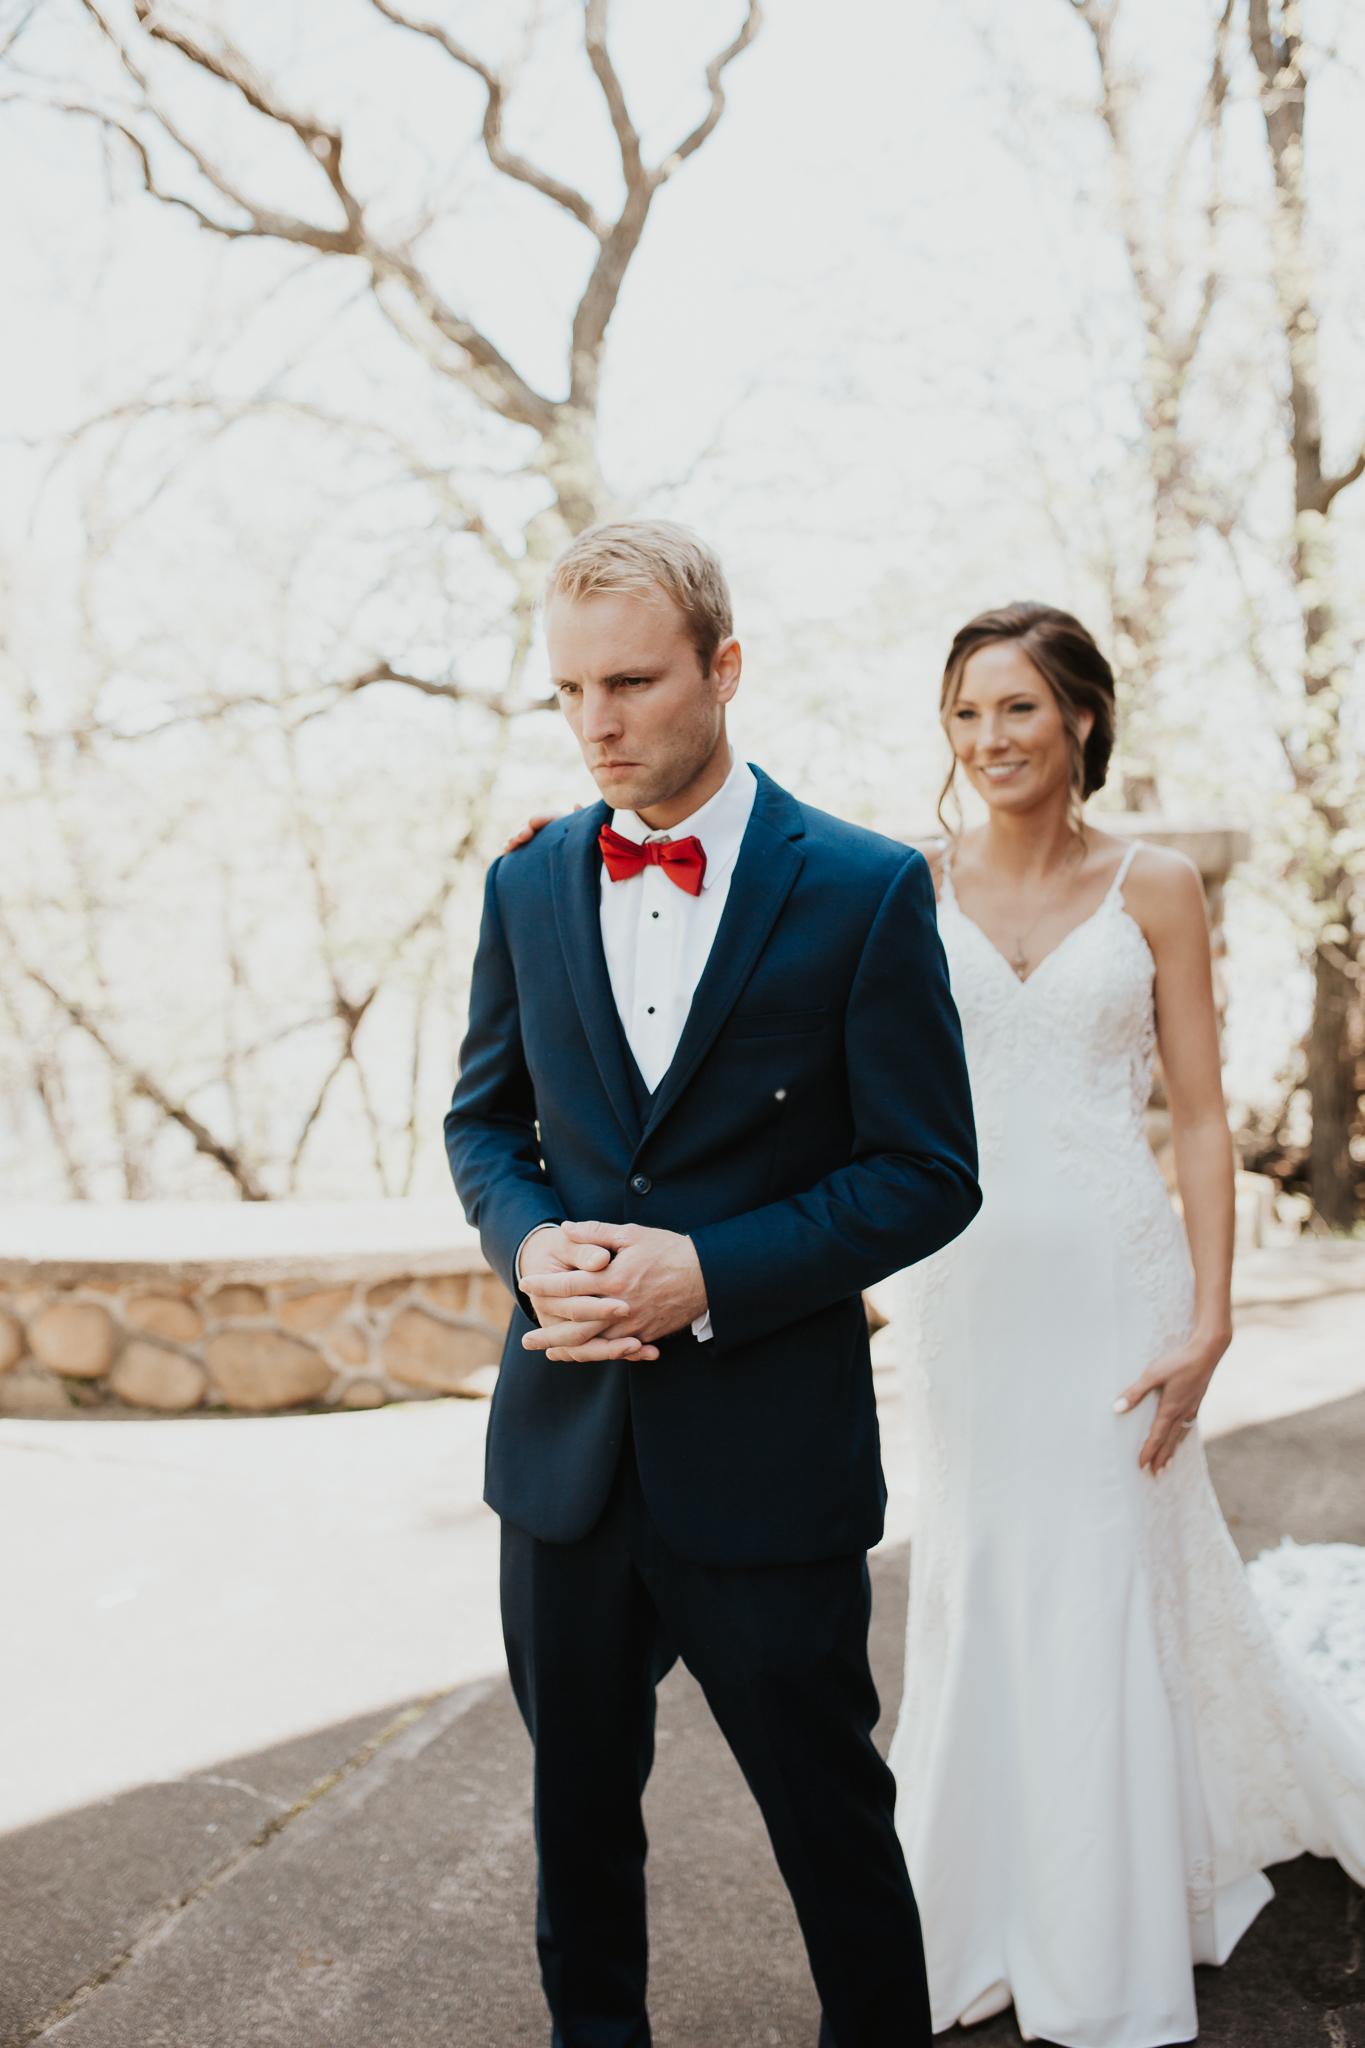 AlexJanie_Wedding-14.jpg